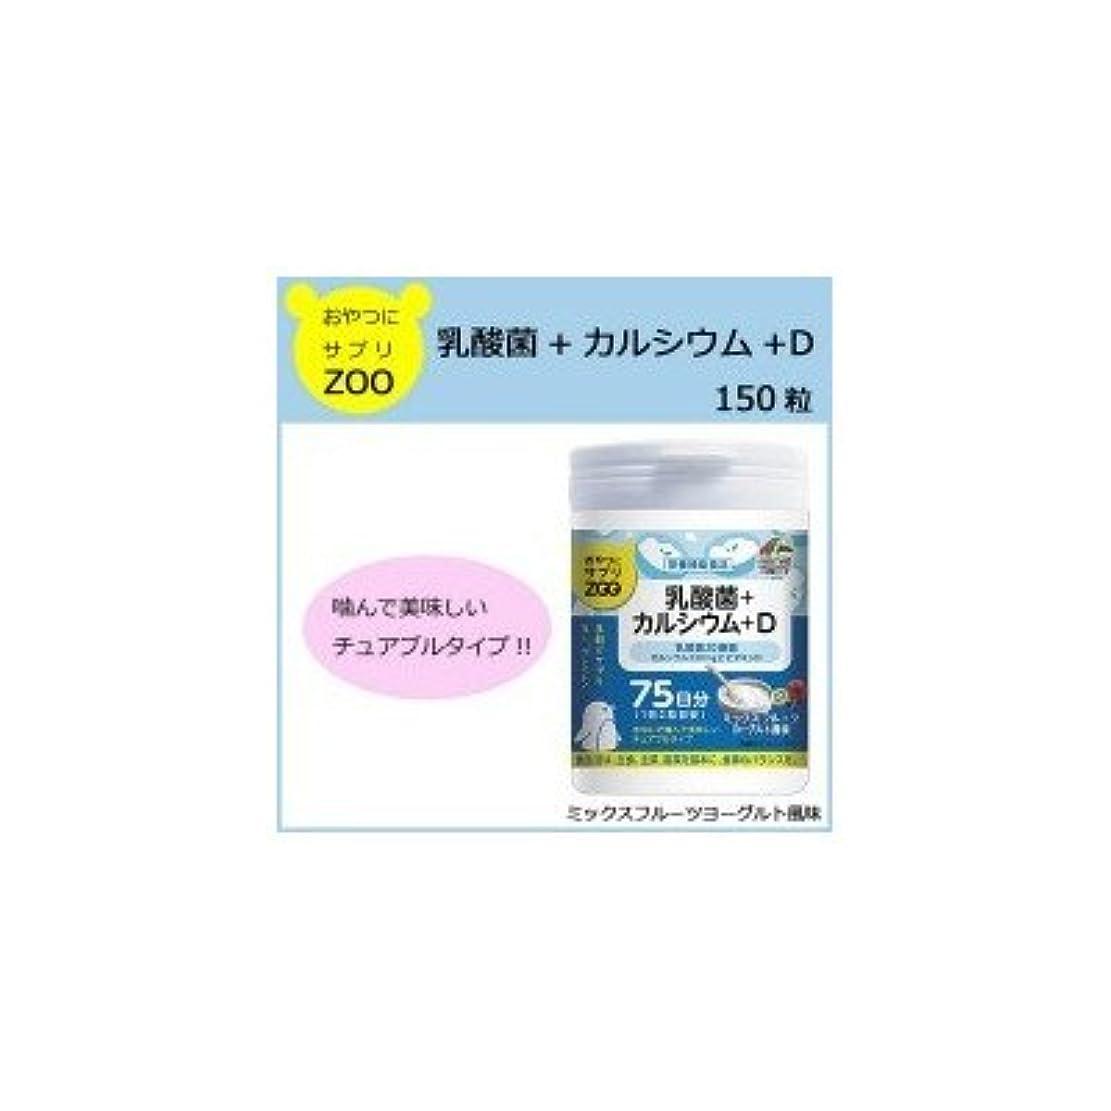 残る多分割り当てるユニマットリケン おやつにサプリZOO 乳酸菌+カルシウム+D 150粒